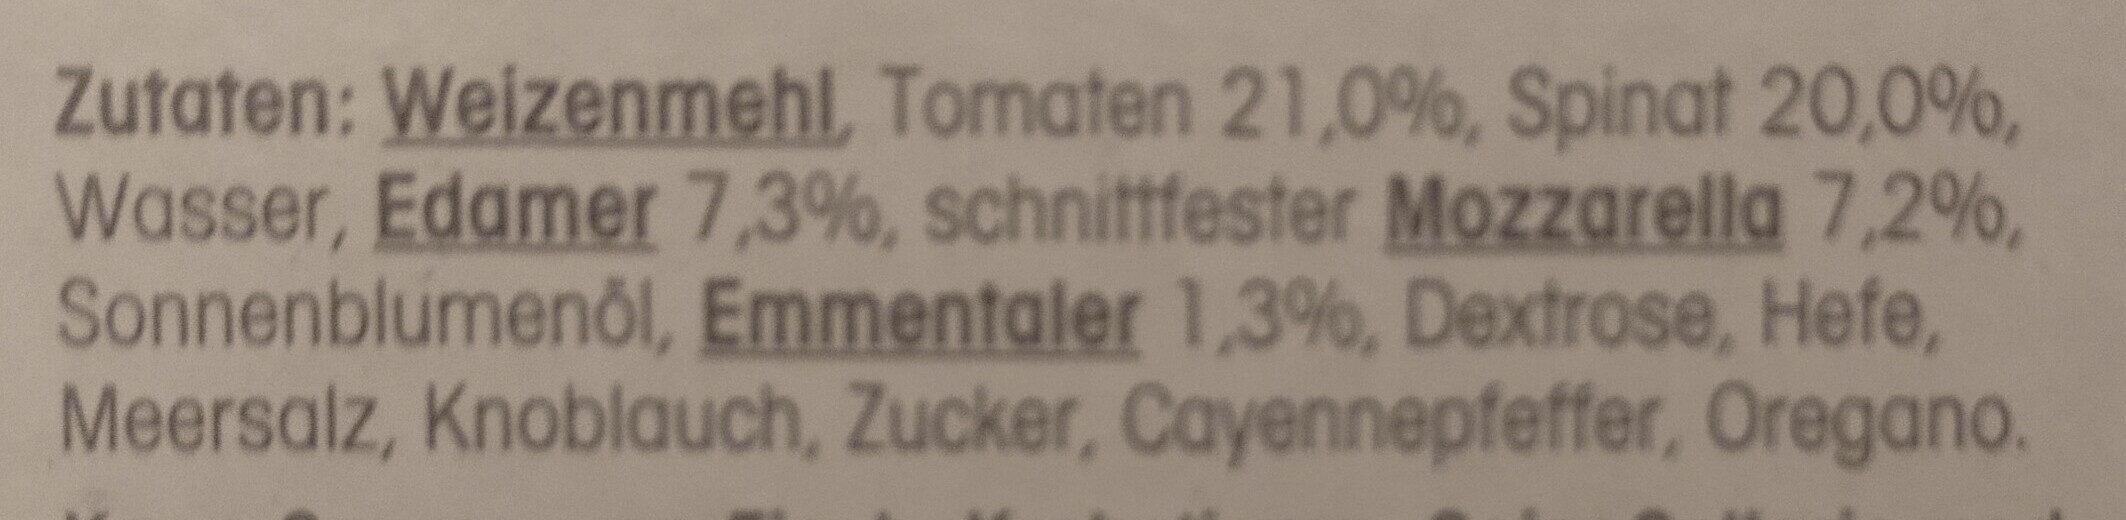 Steinofenpizza Spinacu - Zutaten - de